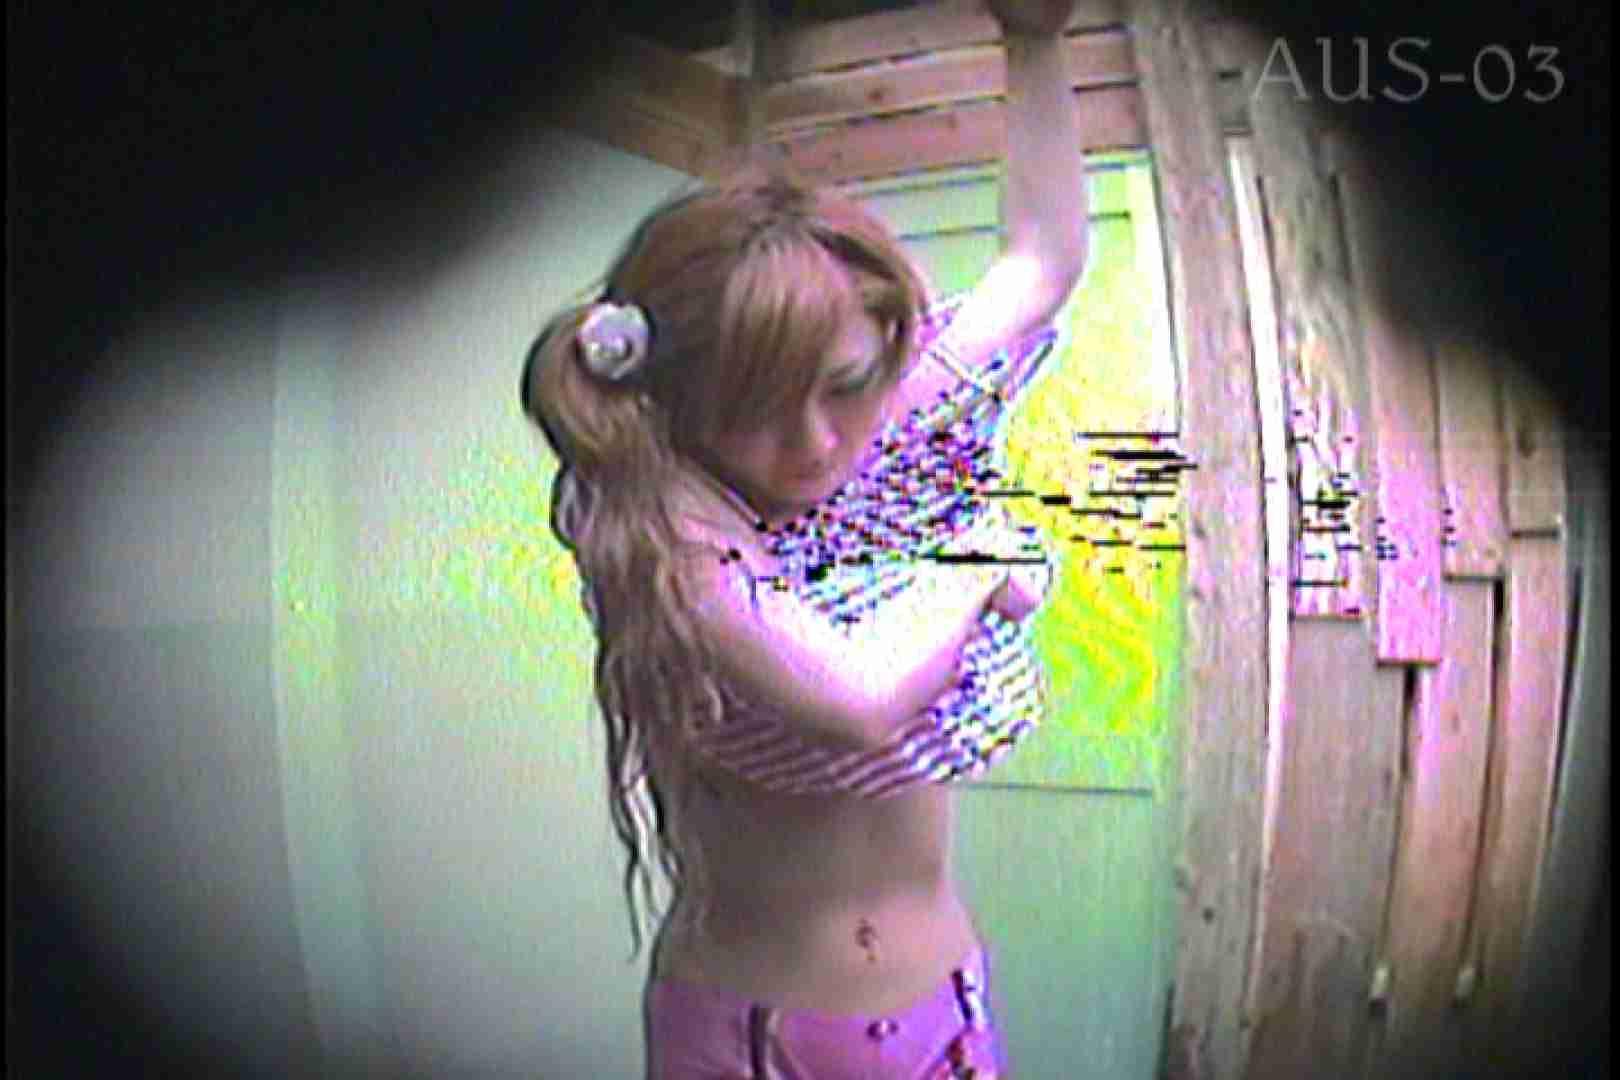 海の家の更衣室 Vol.14 日焼けした肌 オメコ動画キャプチャ 91画像 71